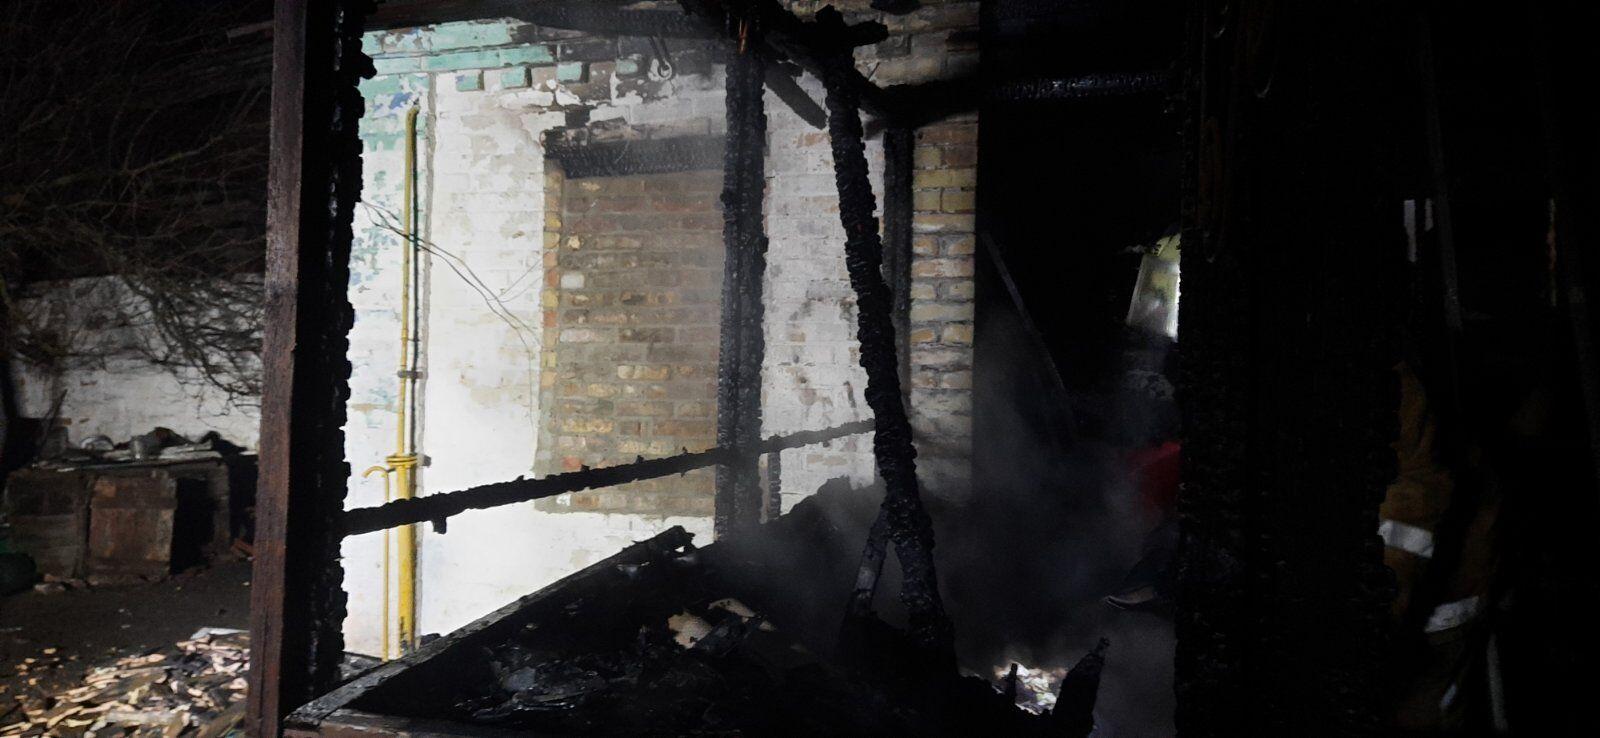 В результате пожара погиб 5-летний мальчик.